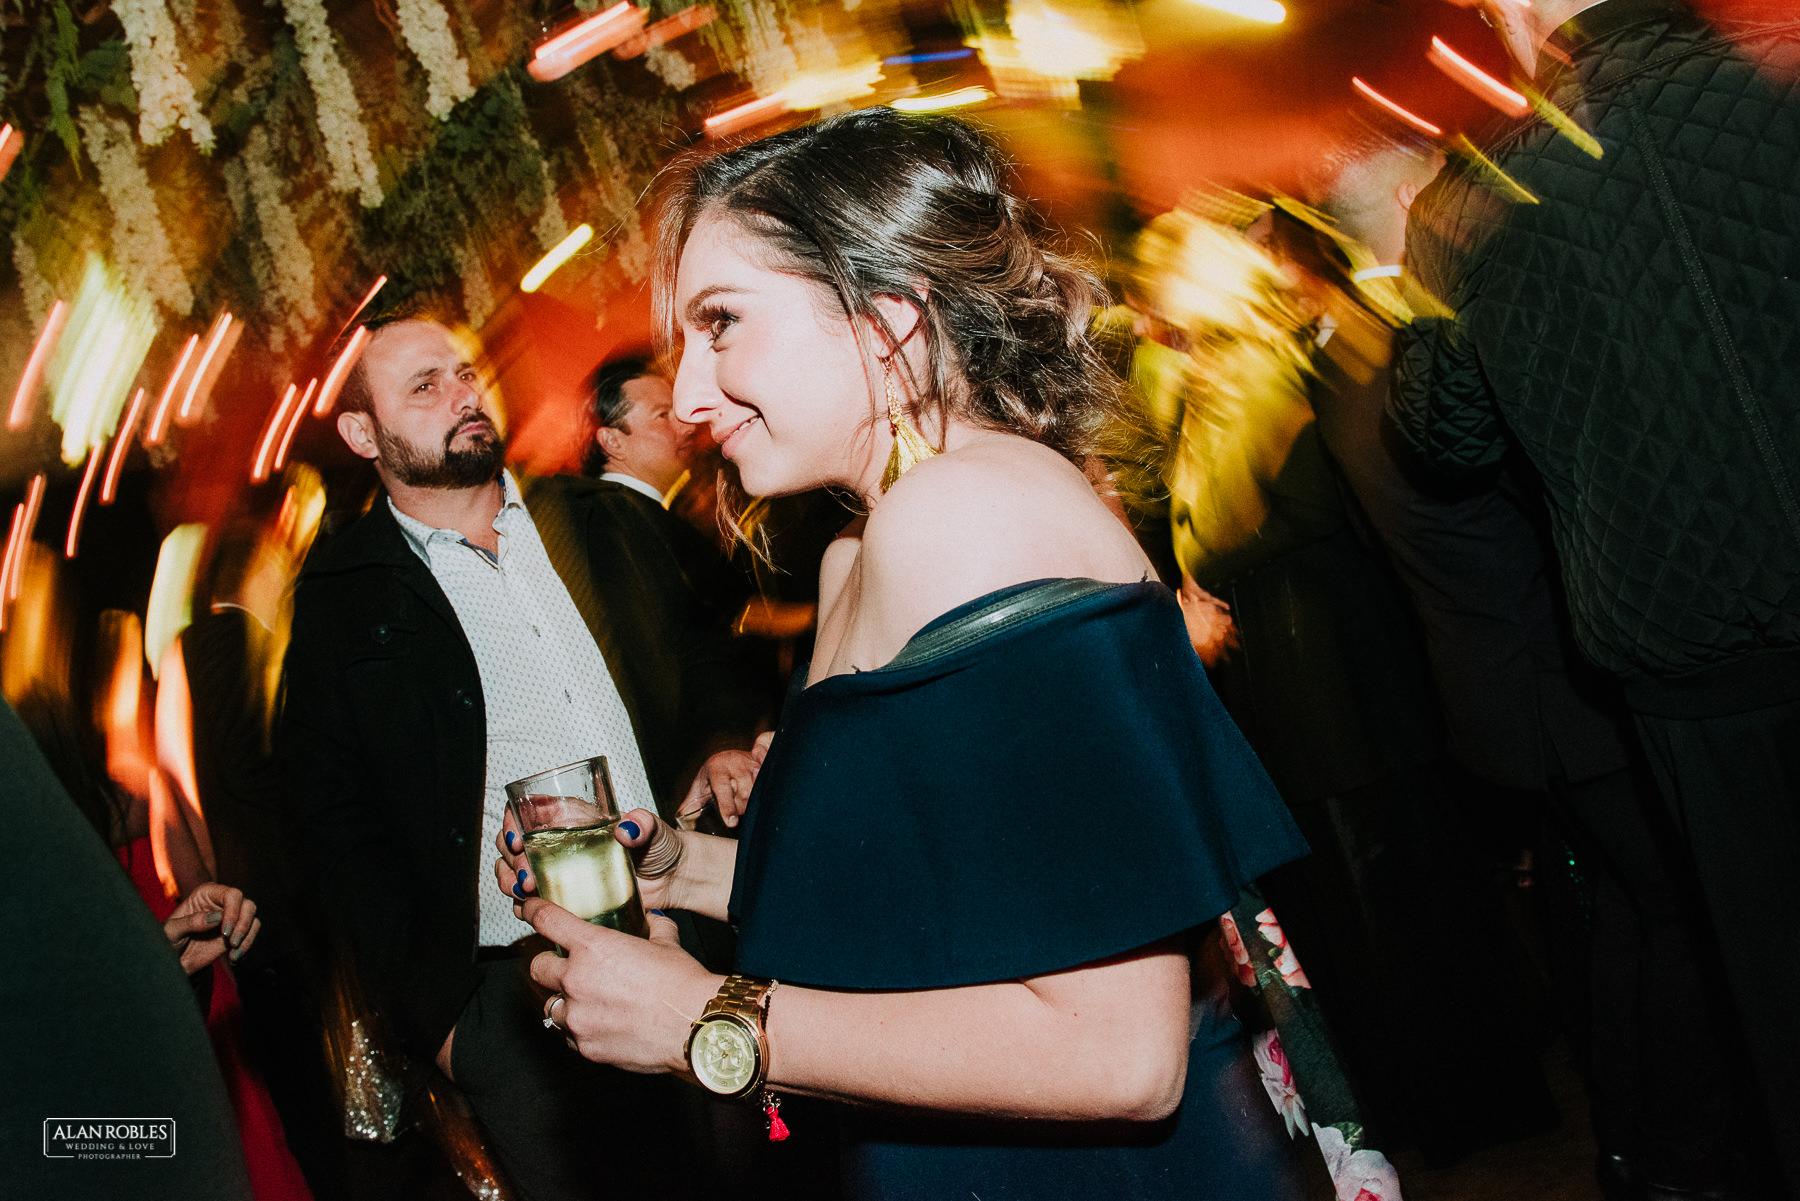 Fotografo de bodas Alan Robles-Casa Clementina Guadalajara DyA-71